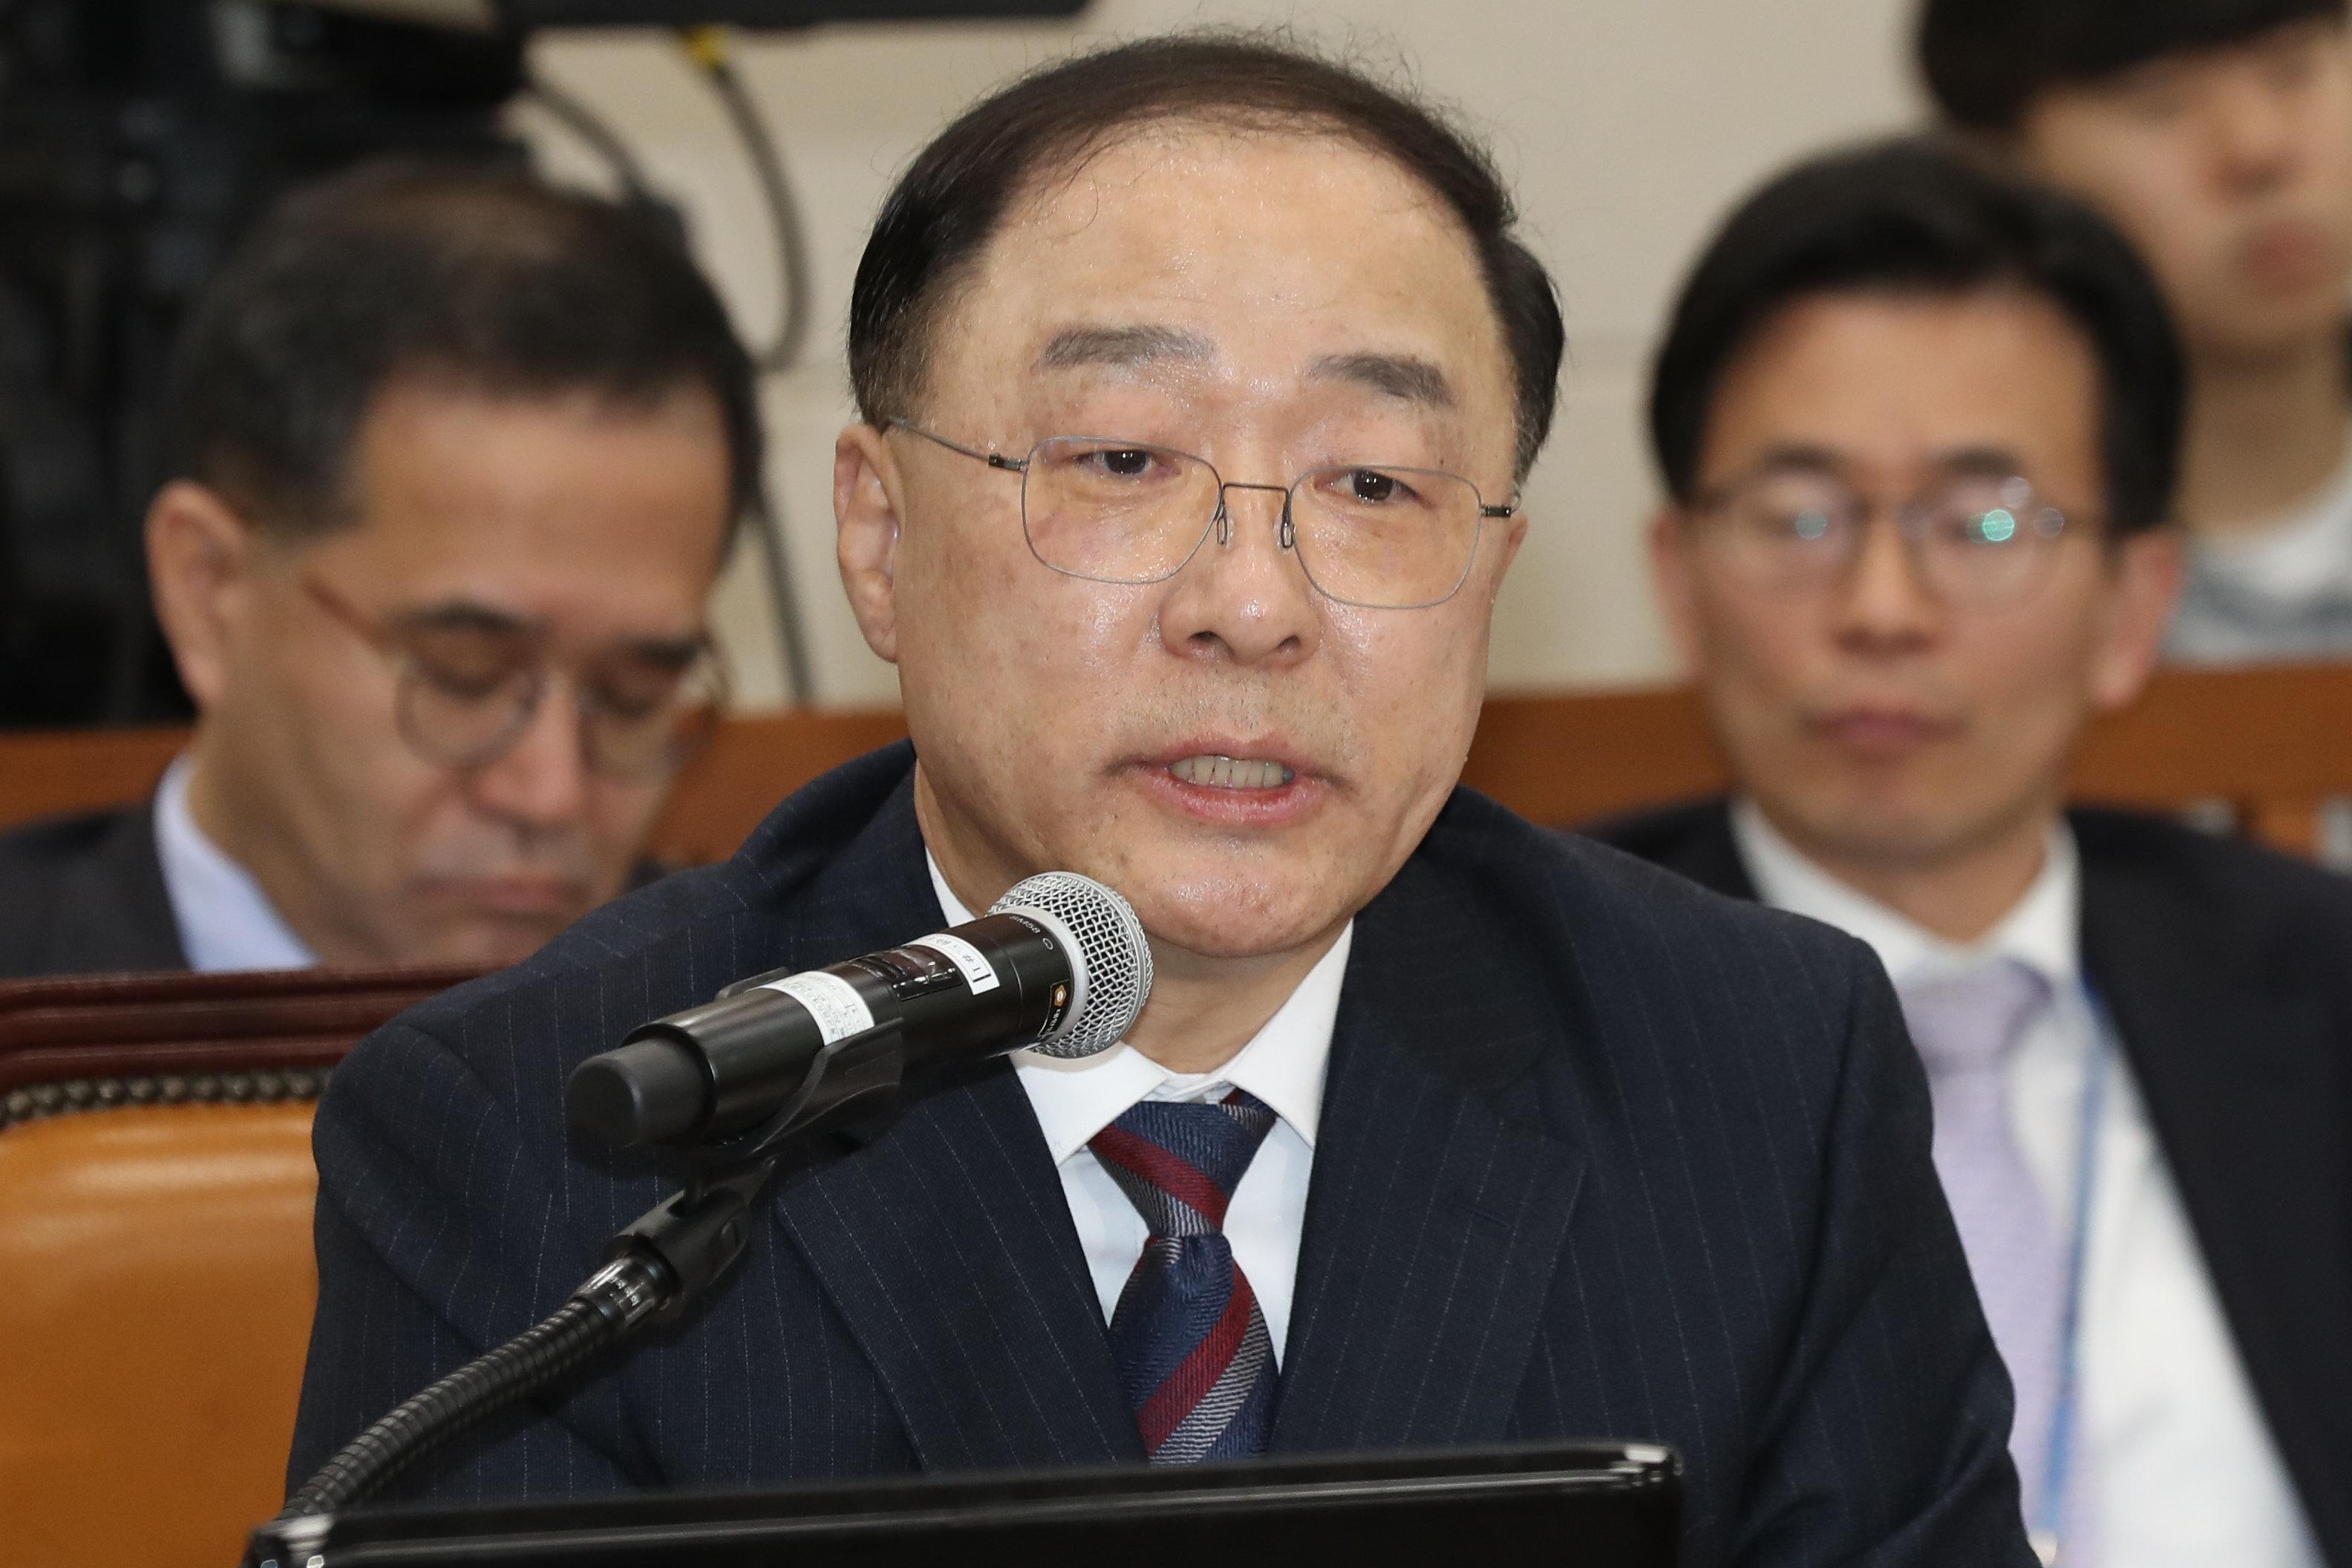 홍남기 부총리 겸 기획재정부 장관 후보자가 최저임금 인상 속도를 조절하겠다는 뜻을